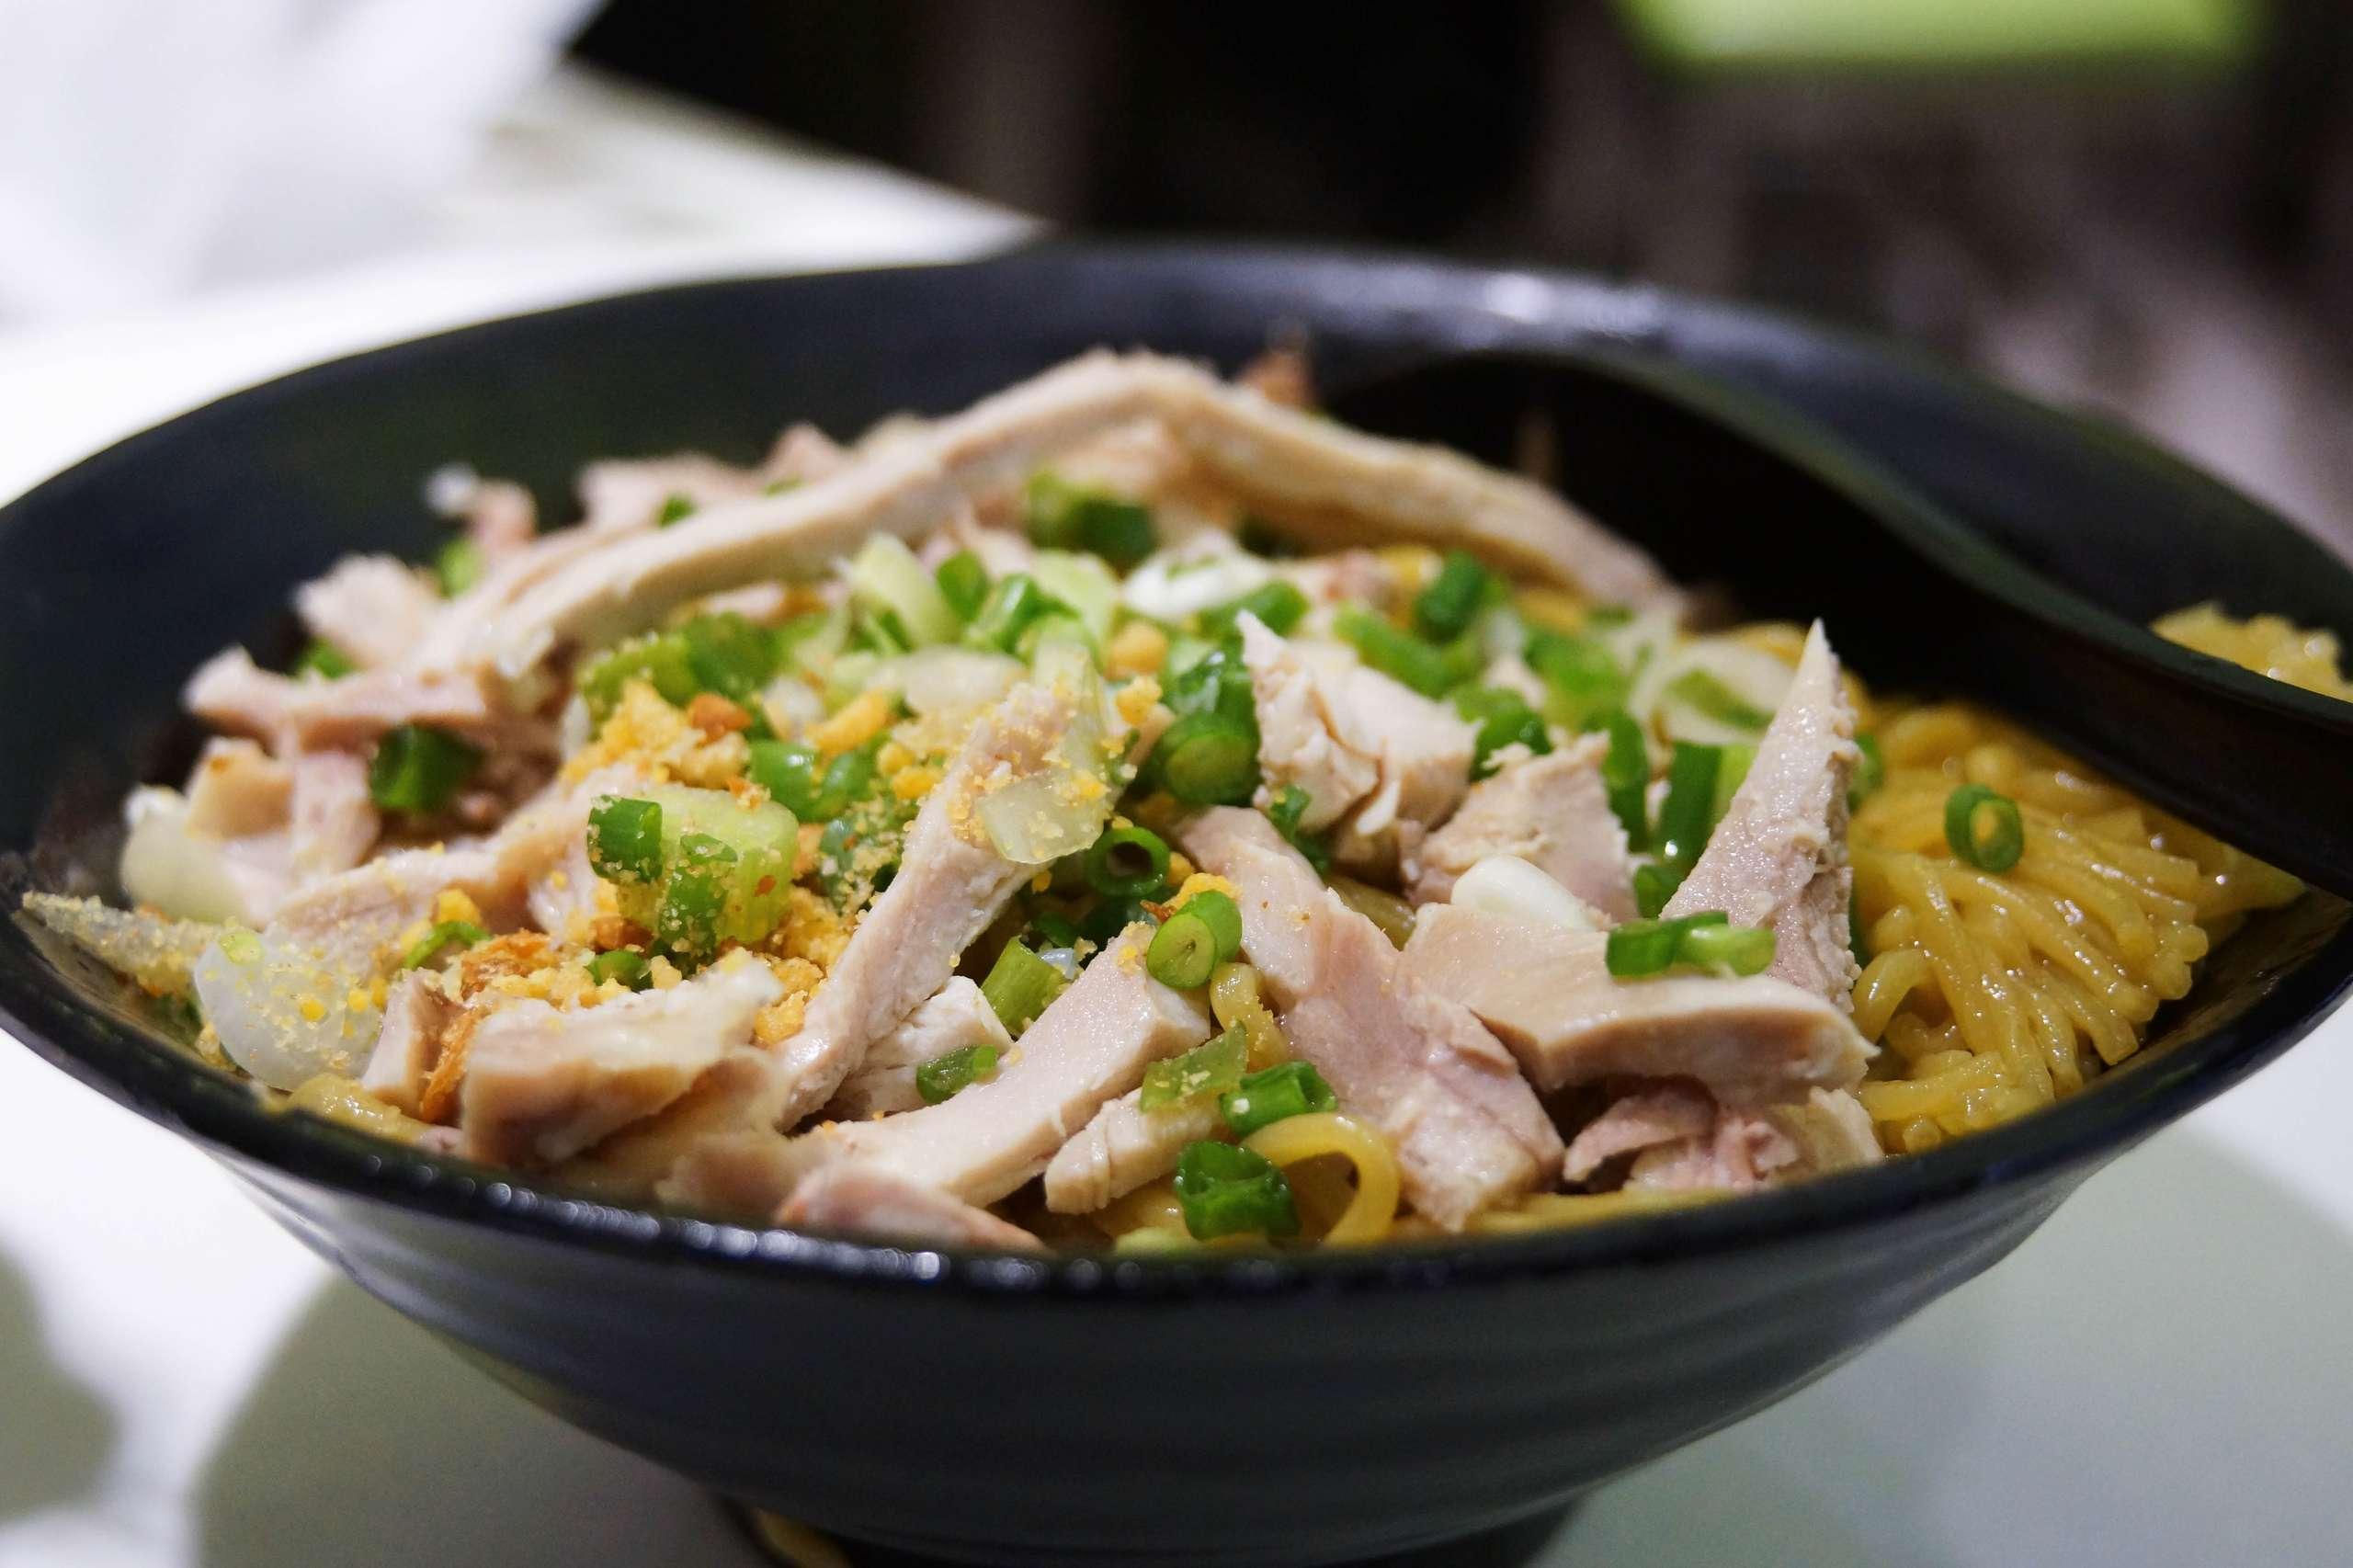 Chicken slice stirred noodles